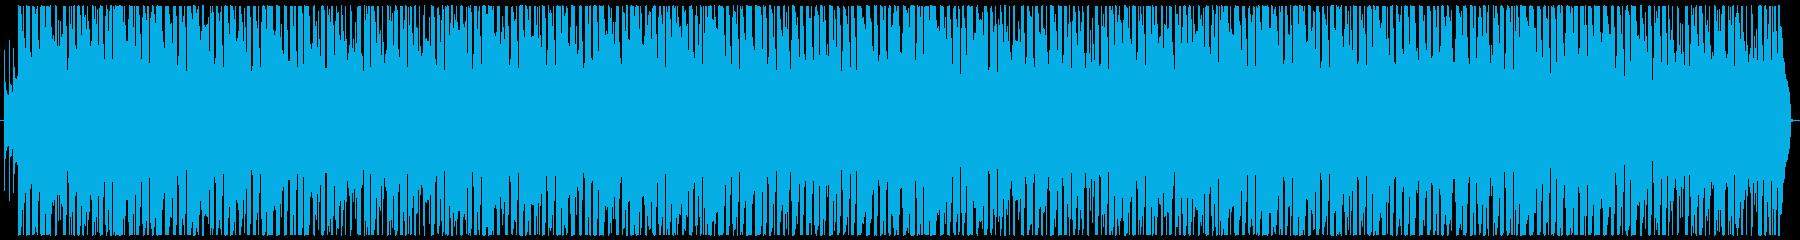 明るく元気なポップCMソングの再生済みの波形